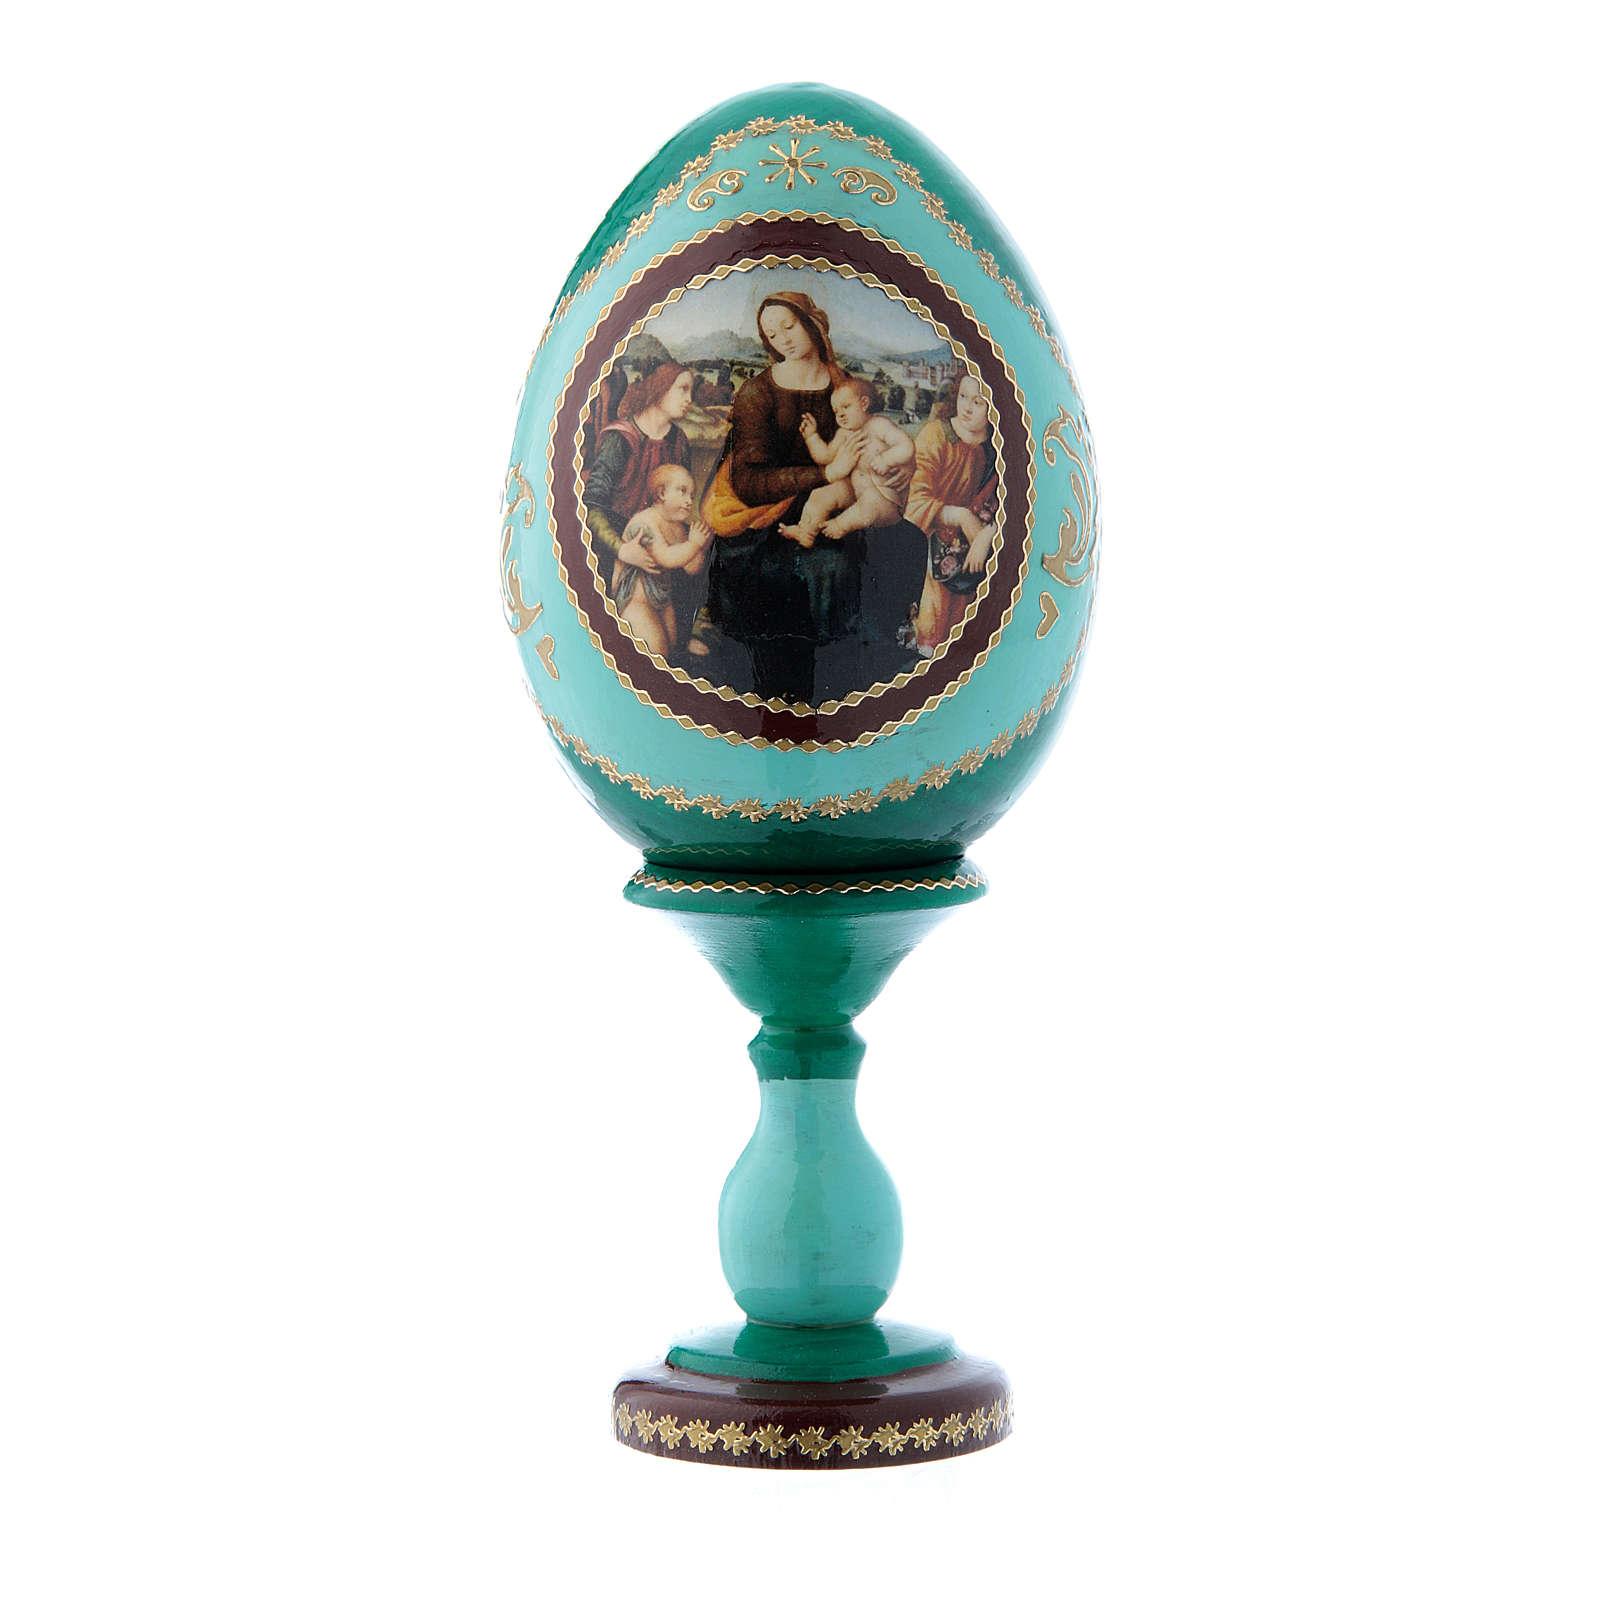 Uovo icona russa stile Fabergè verde Madonna col Bambino, San Giovannino e Angeli h tot 16 cm 4